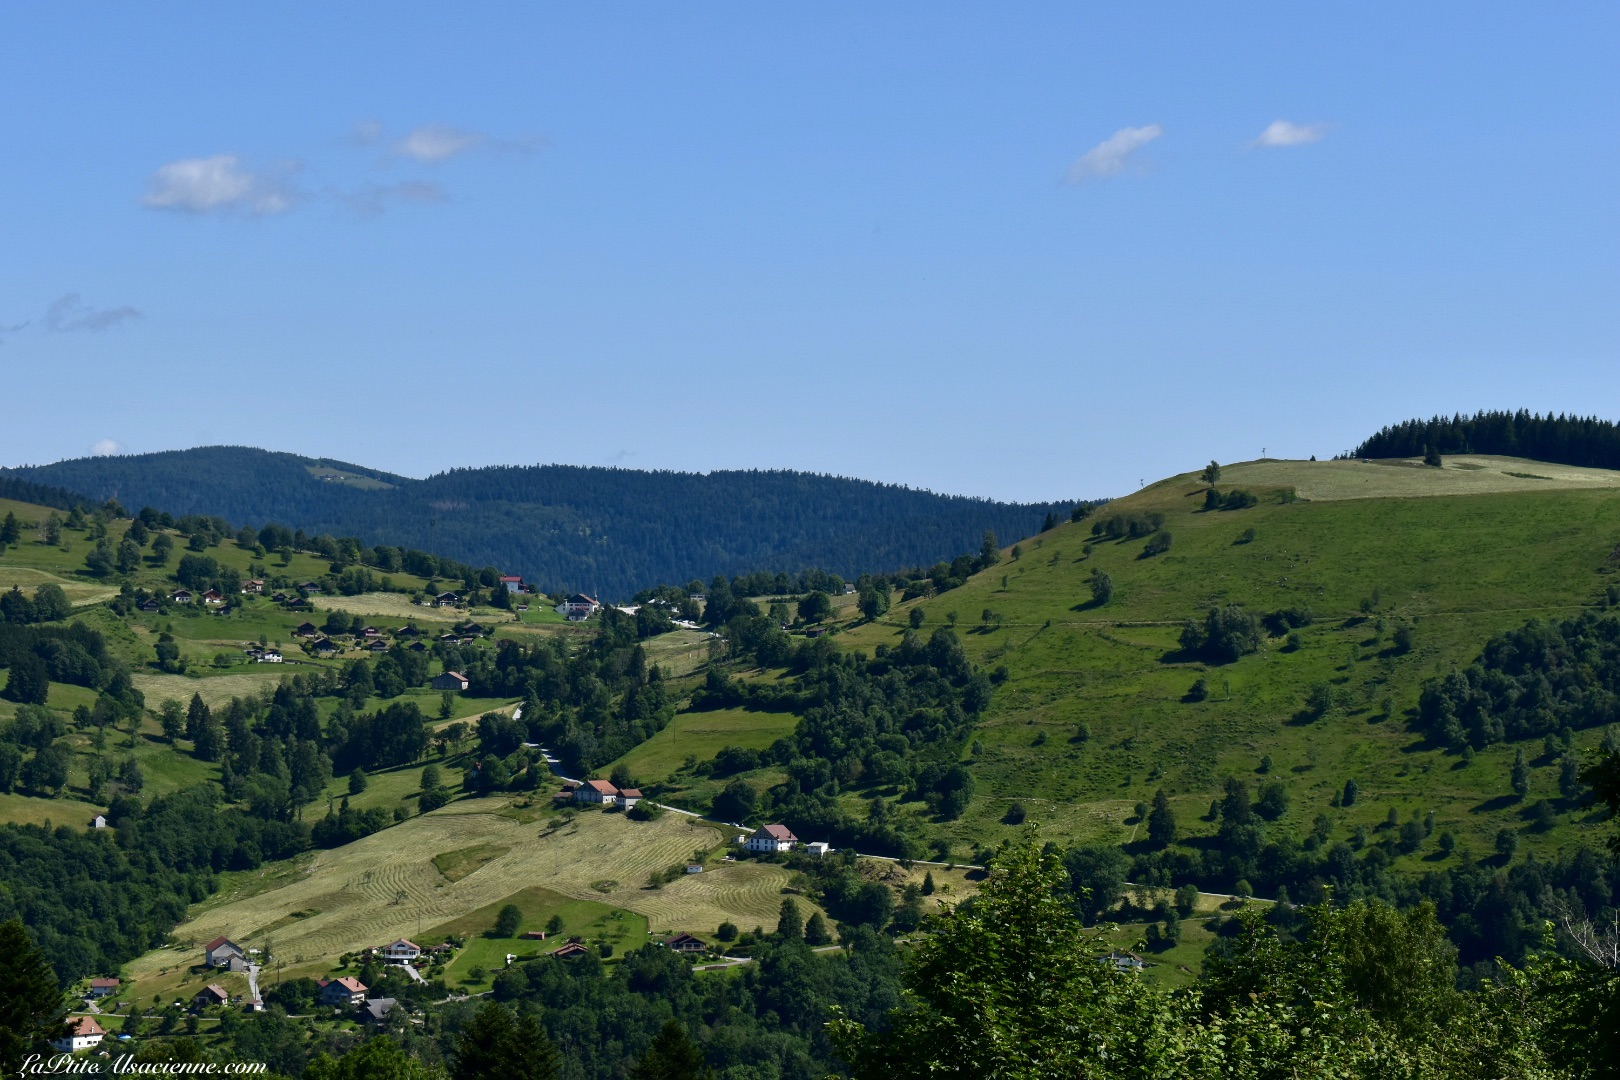 Vue sur les Vosges depuis la Montagne des Lamas à La Bresse - Photo de Cendrine Miesch dite LaPtiteAlsacienne